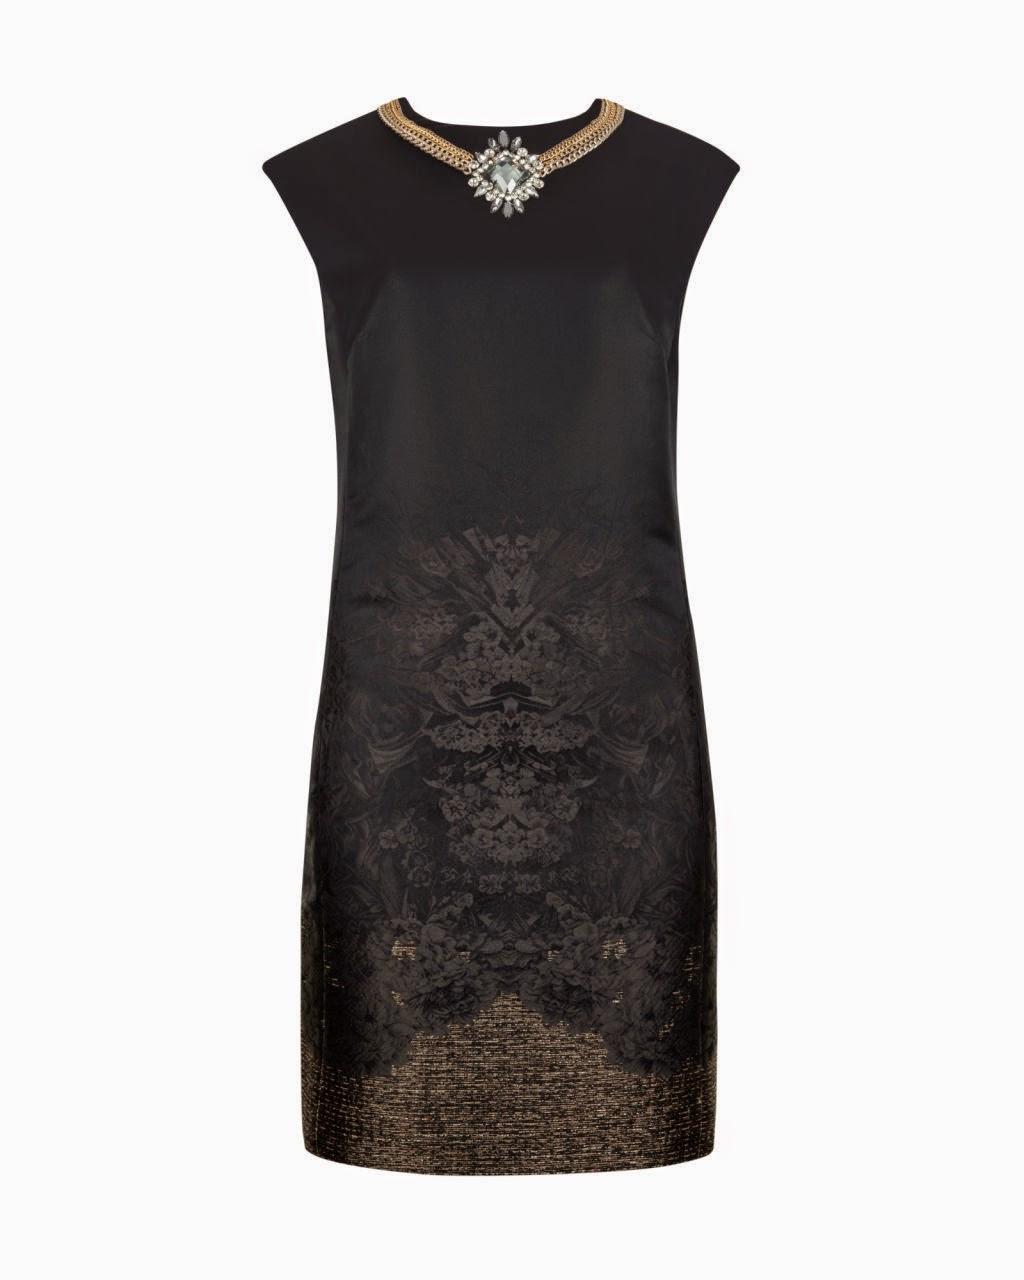 ted baker black necklace dress, ted baker black dress, ted baker party dress,